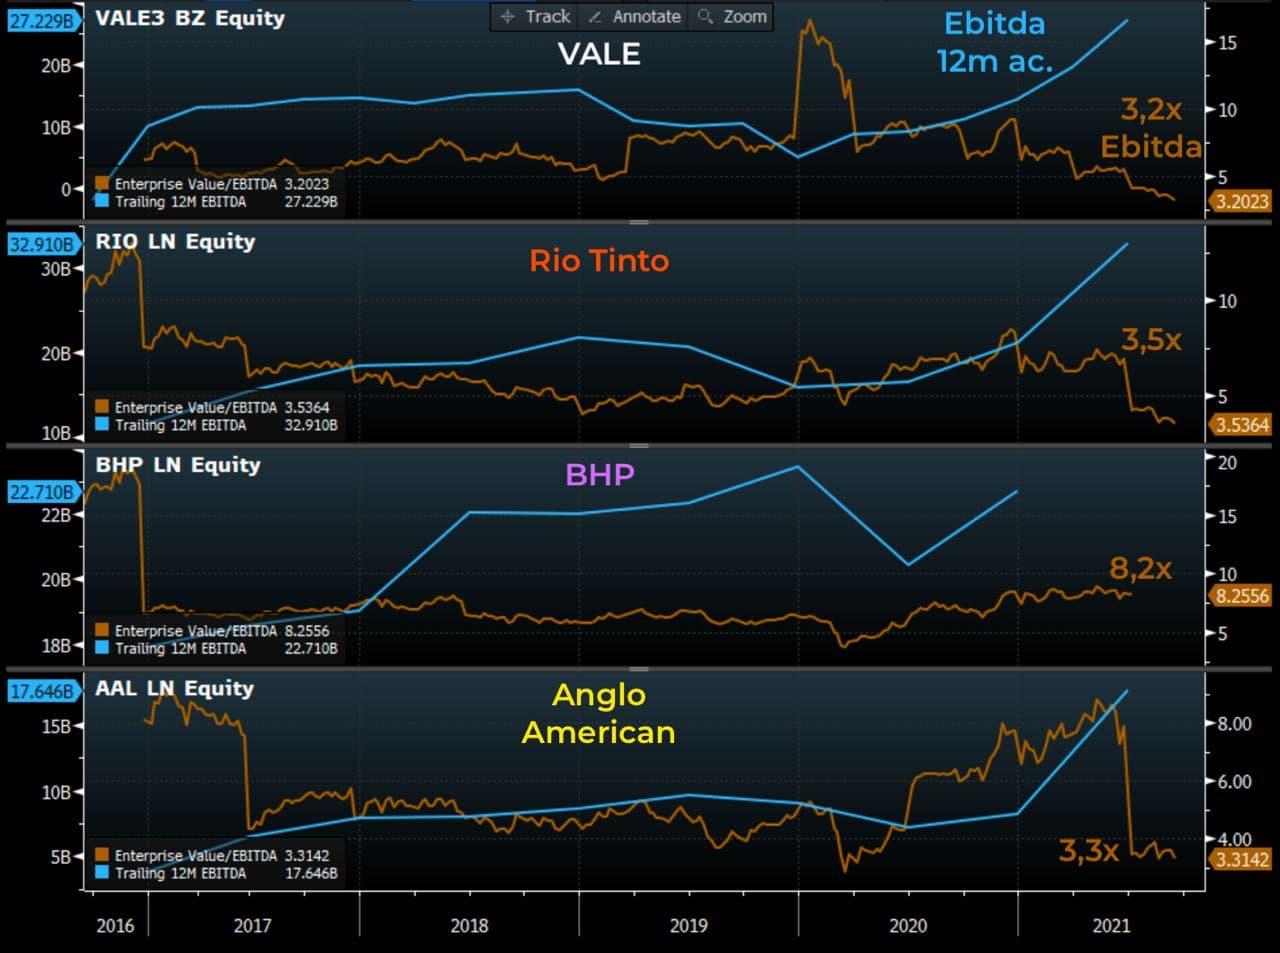 Gráfico apresenta Ebitda 12 meses acumulados e EV/Ebitda de Vale, Rio Tinto, BHP e Anglo.